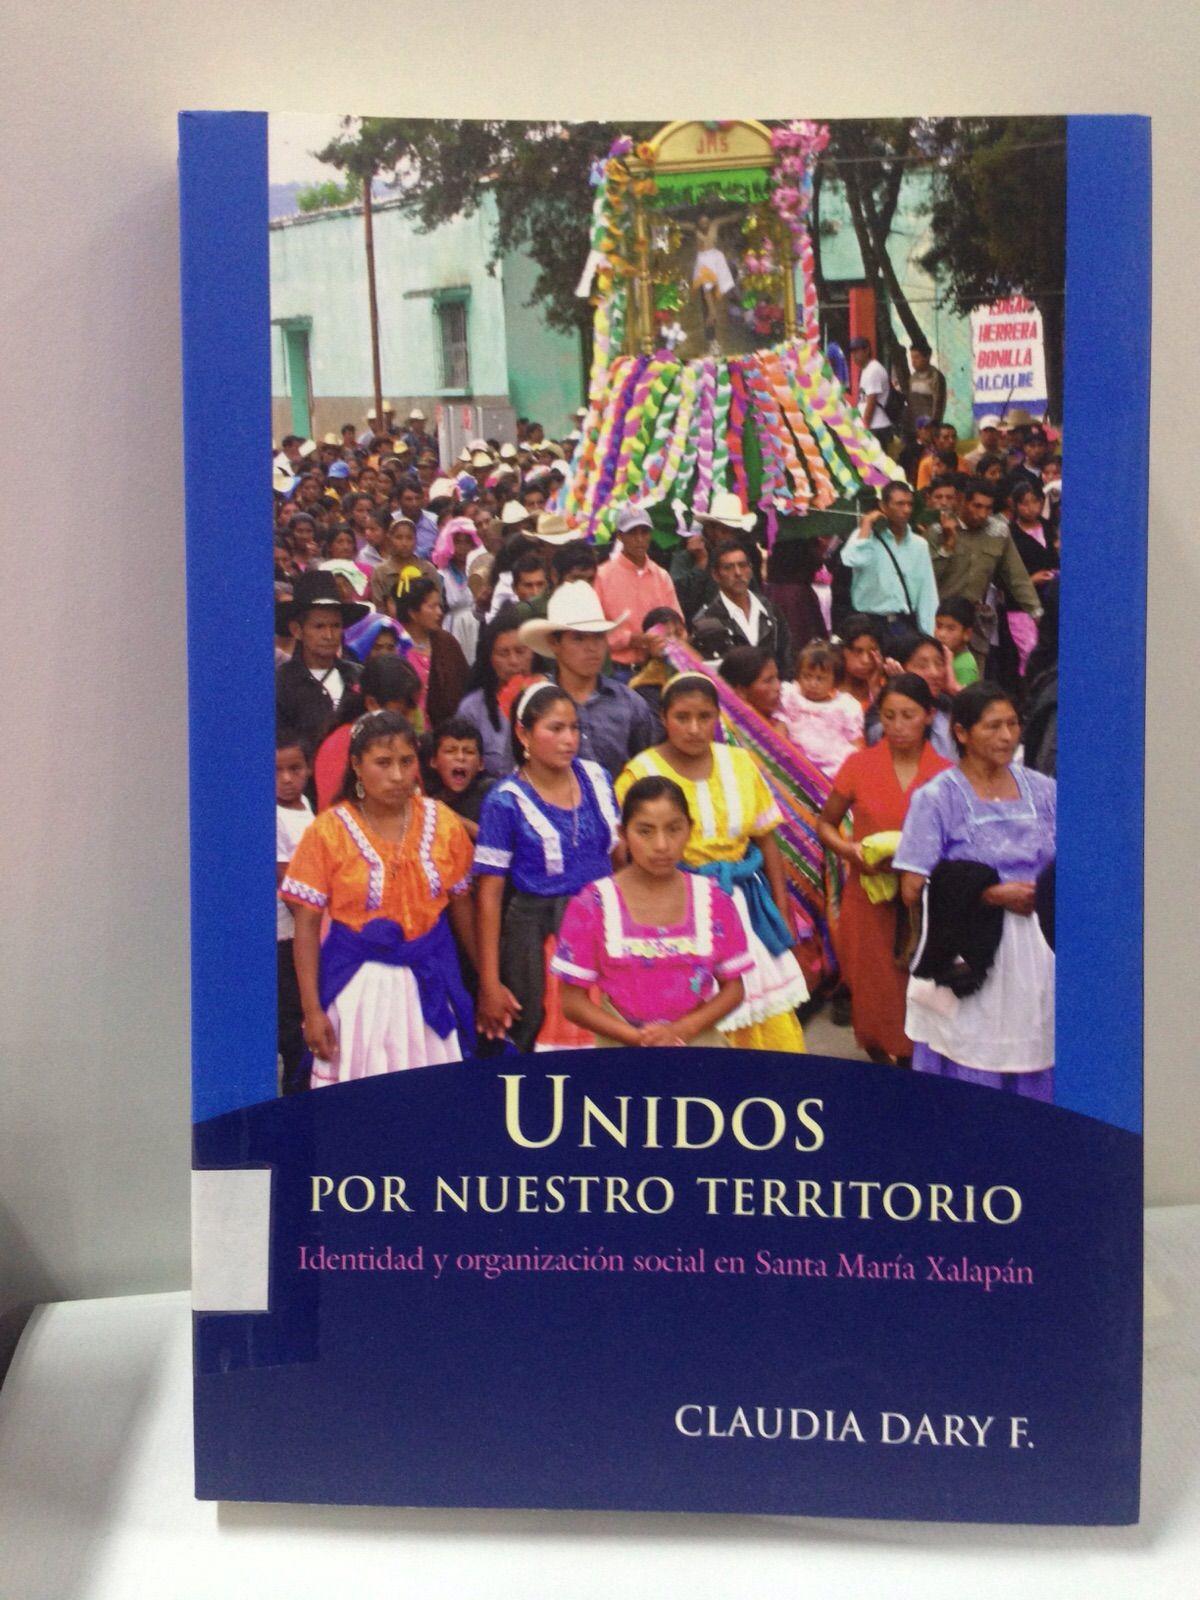 305.897281 / D228 Unidos por nuestro territorio: identidad y organización social en Santa María Xalapán.